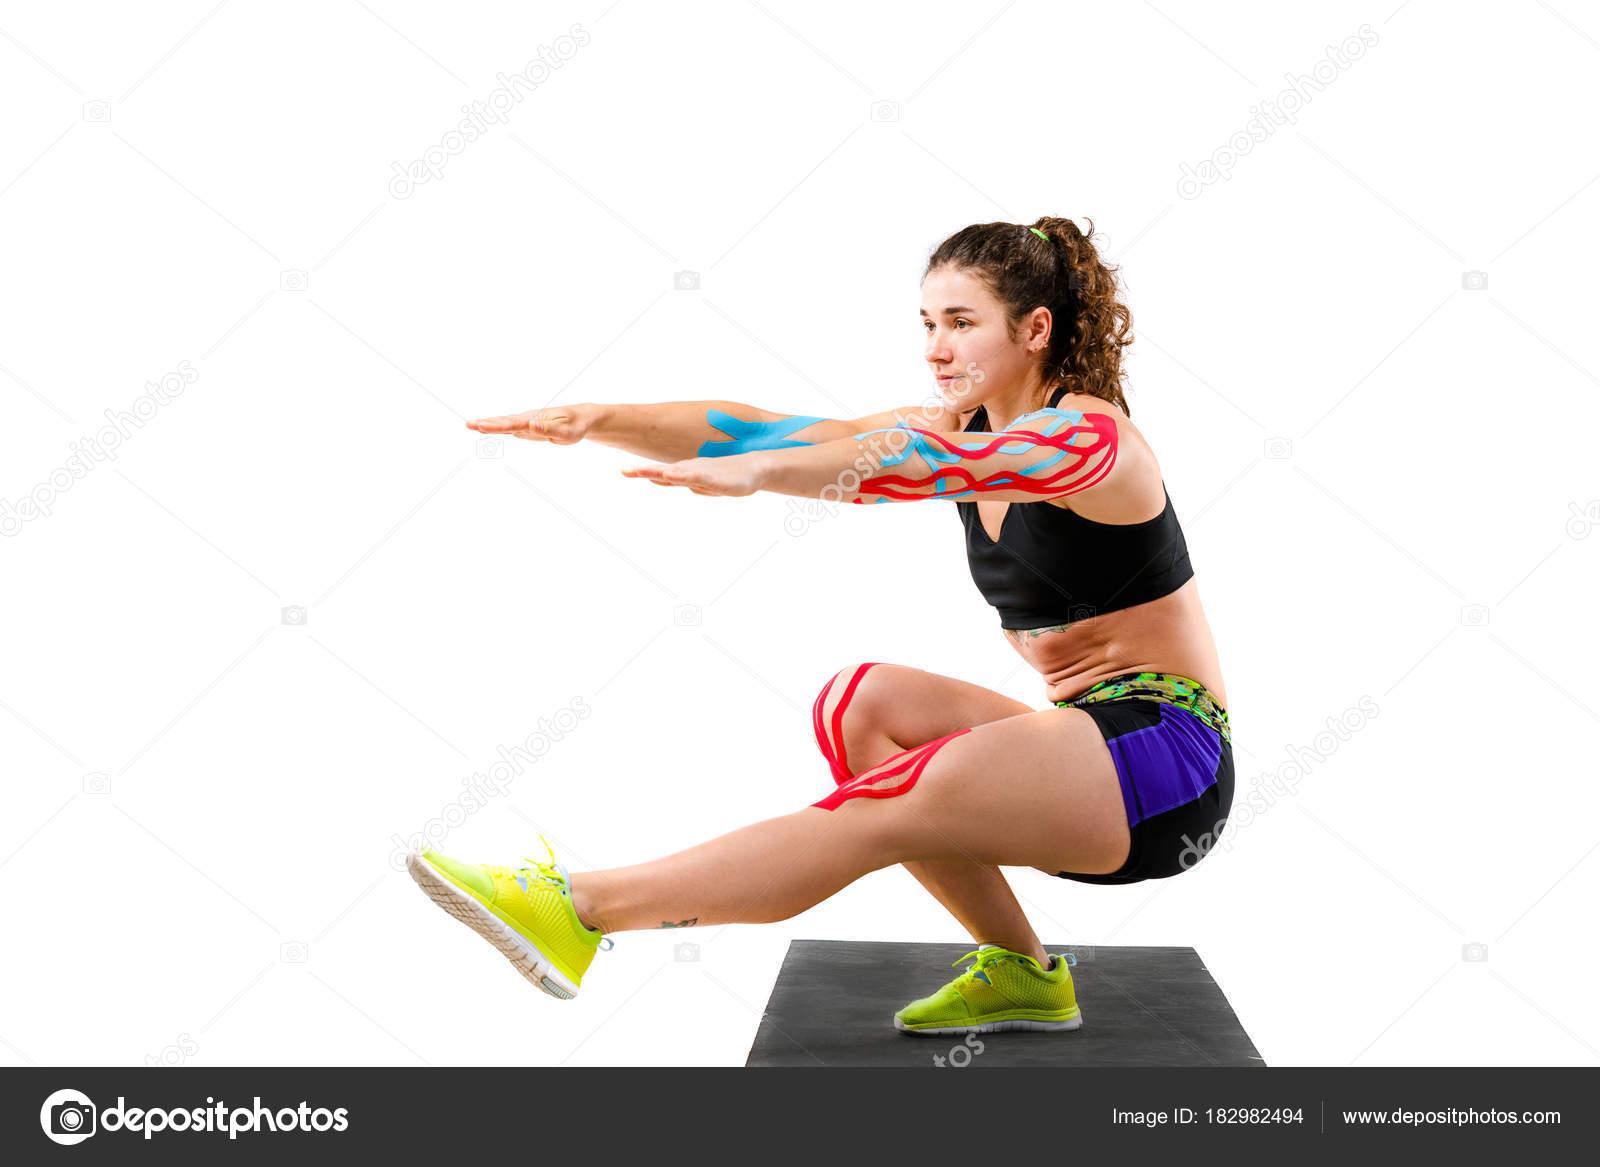 Thema Kinesiologie Tape Rehabilitation von Sportlern. Schöne Mädchen ...